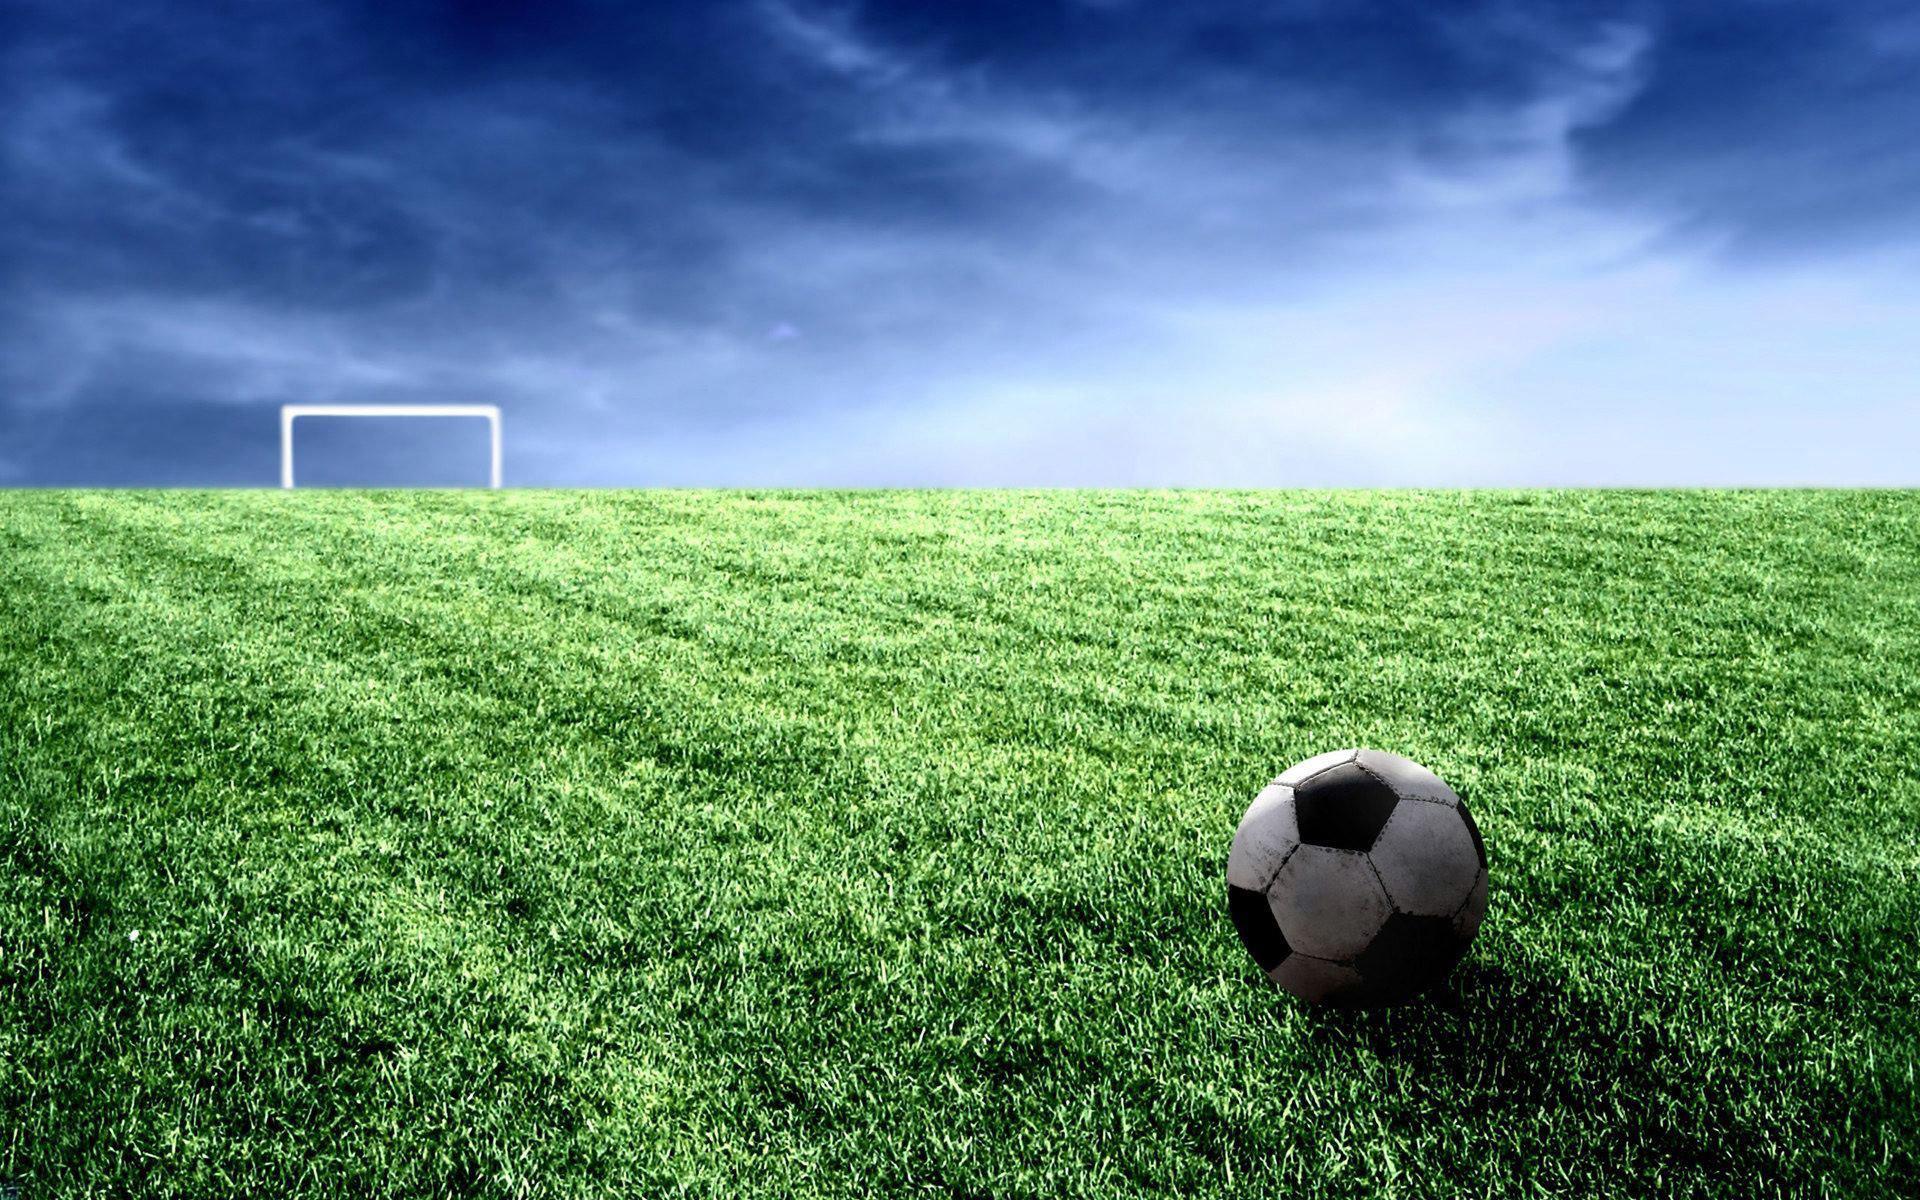 Football HD Desktop Wallpapers for Widescreen | HD Wallpapers | Pinterest |  Wallpaper